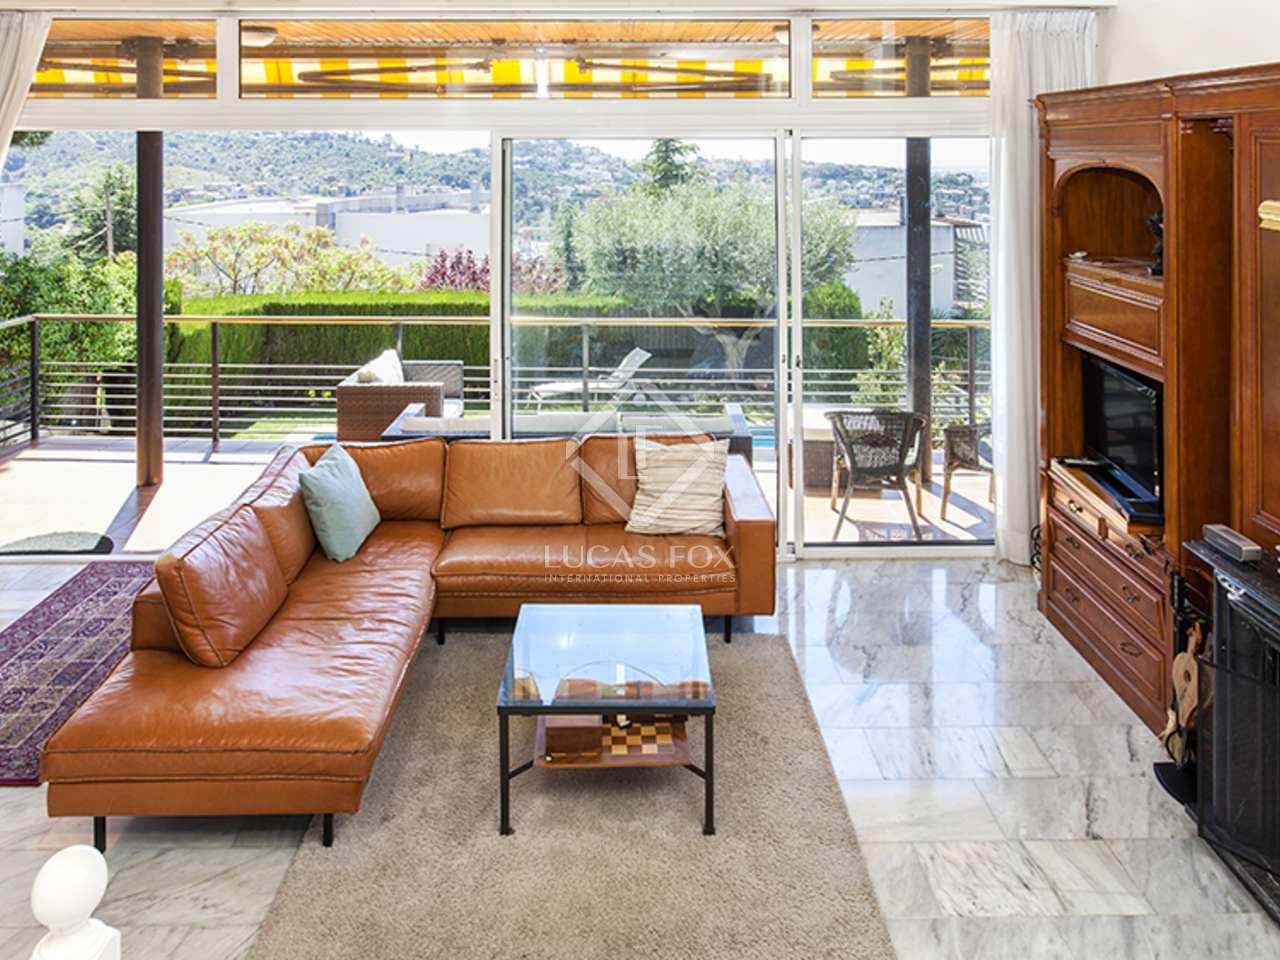 Excelente casa familiar en alquiler en sant just desvern for Casa alquiler barcelona jardin